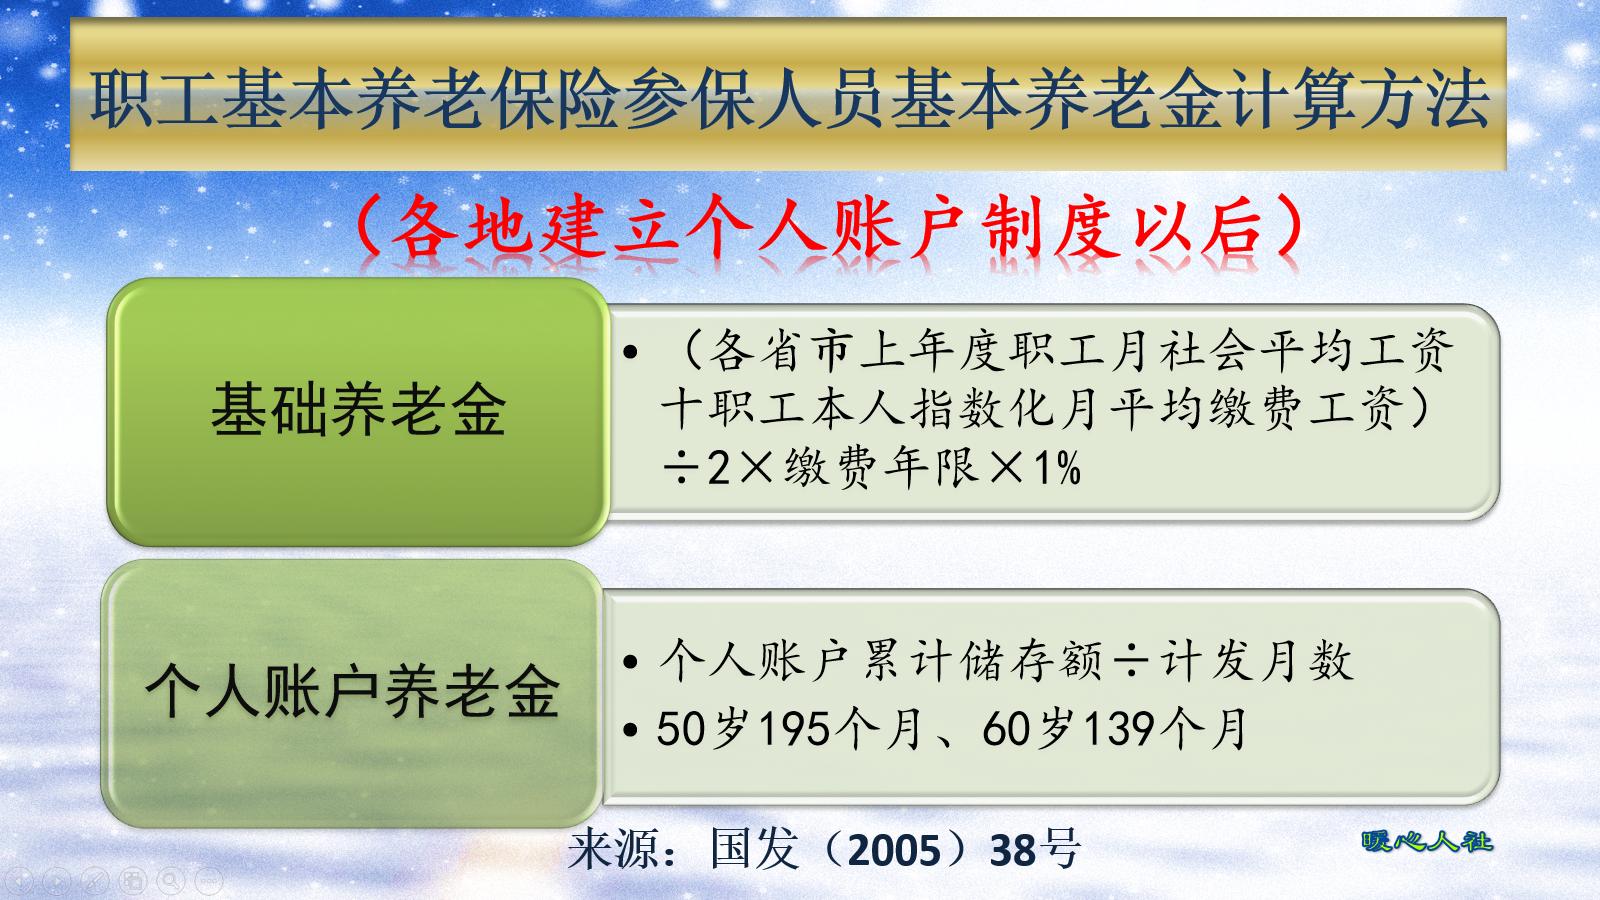 老年人养老金是根据年龄段划分档次吗?看看年龄对养老金的作用 第2张